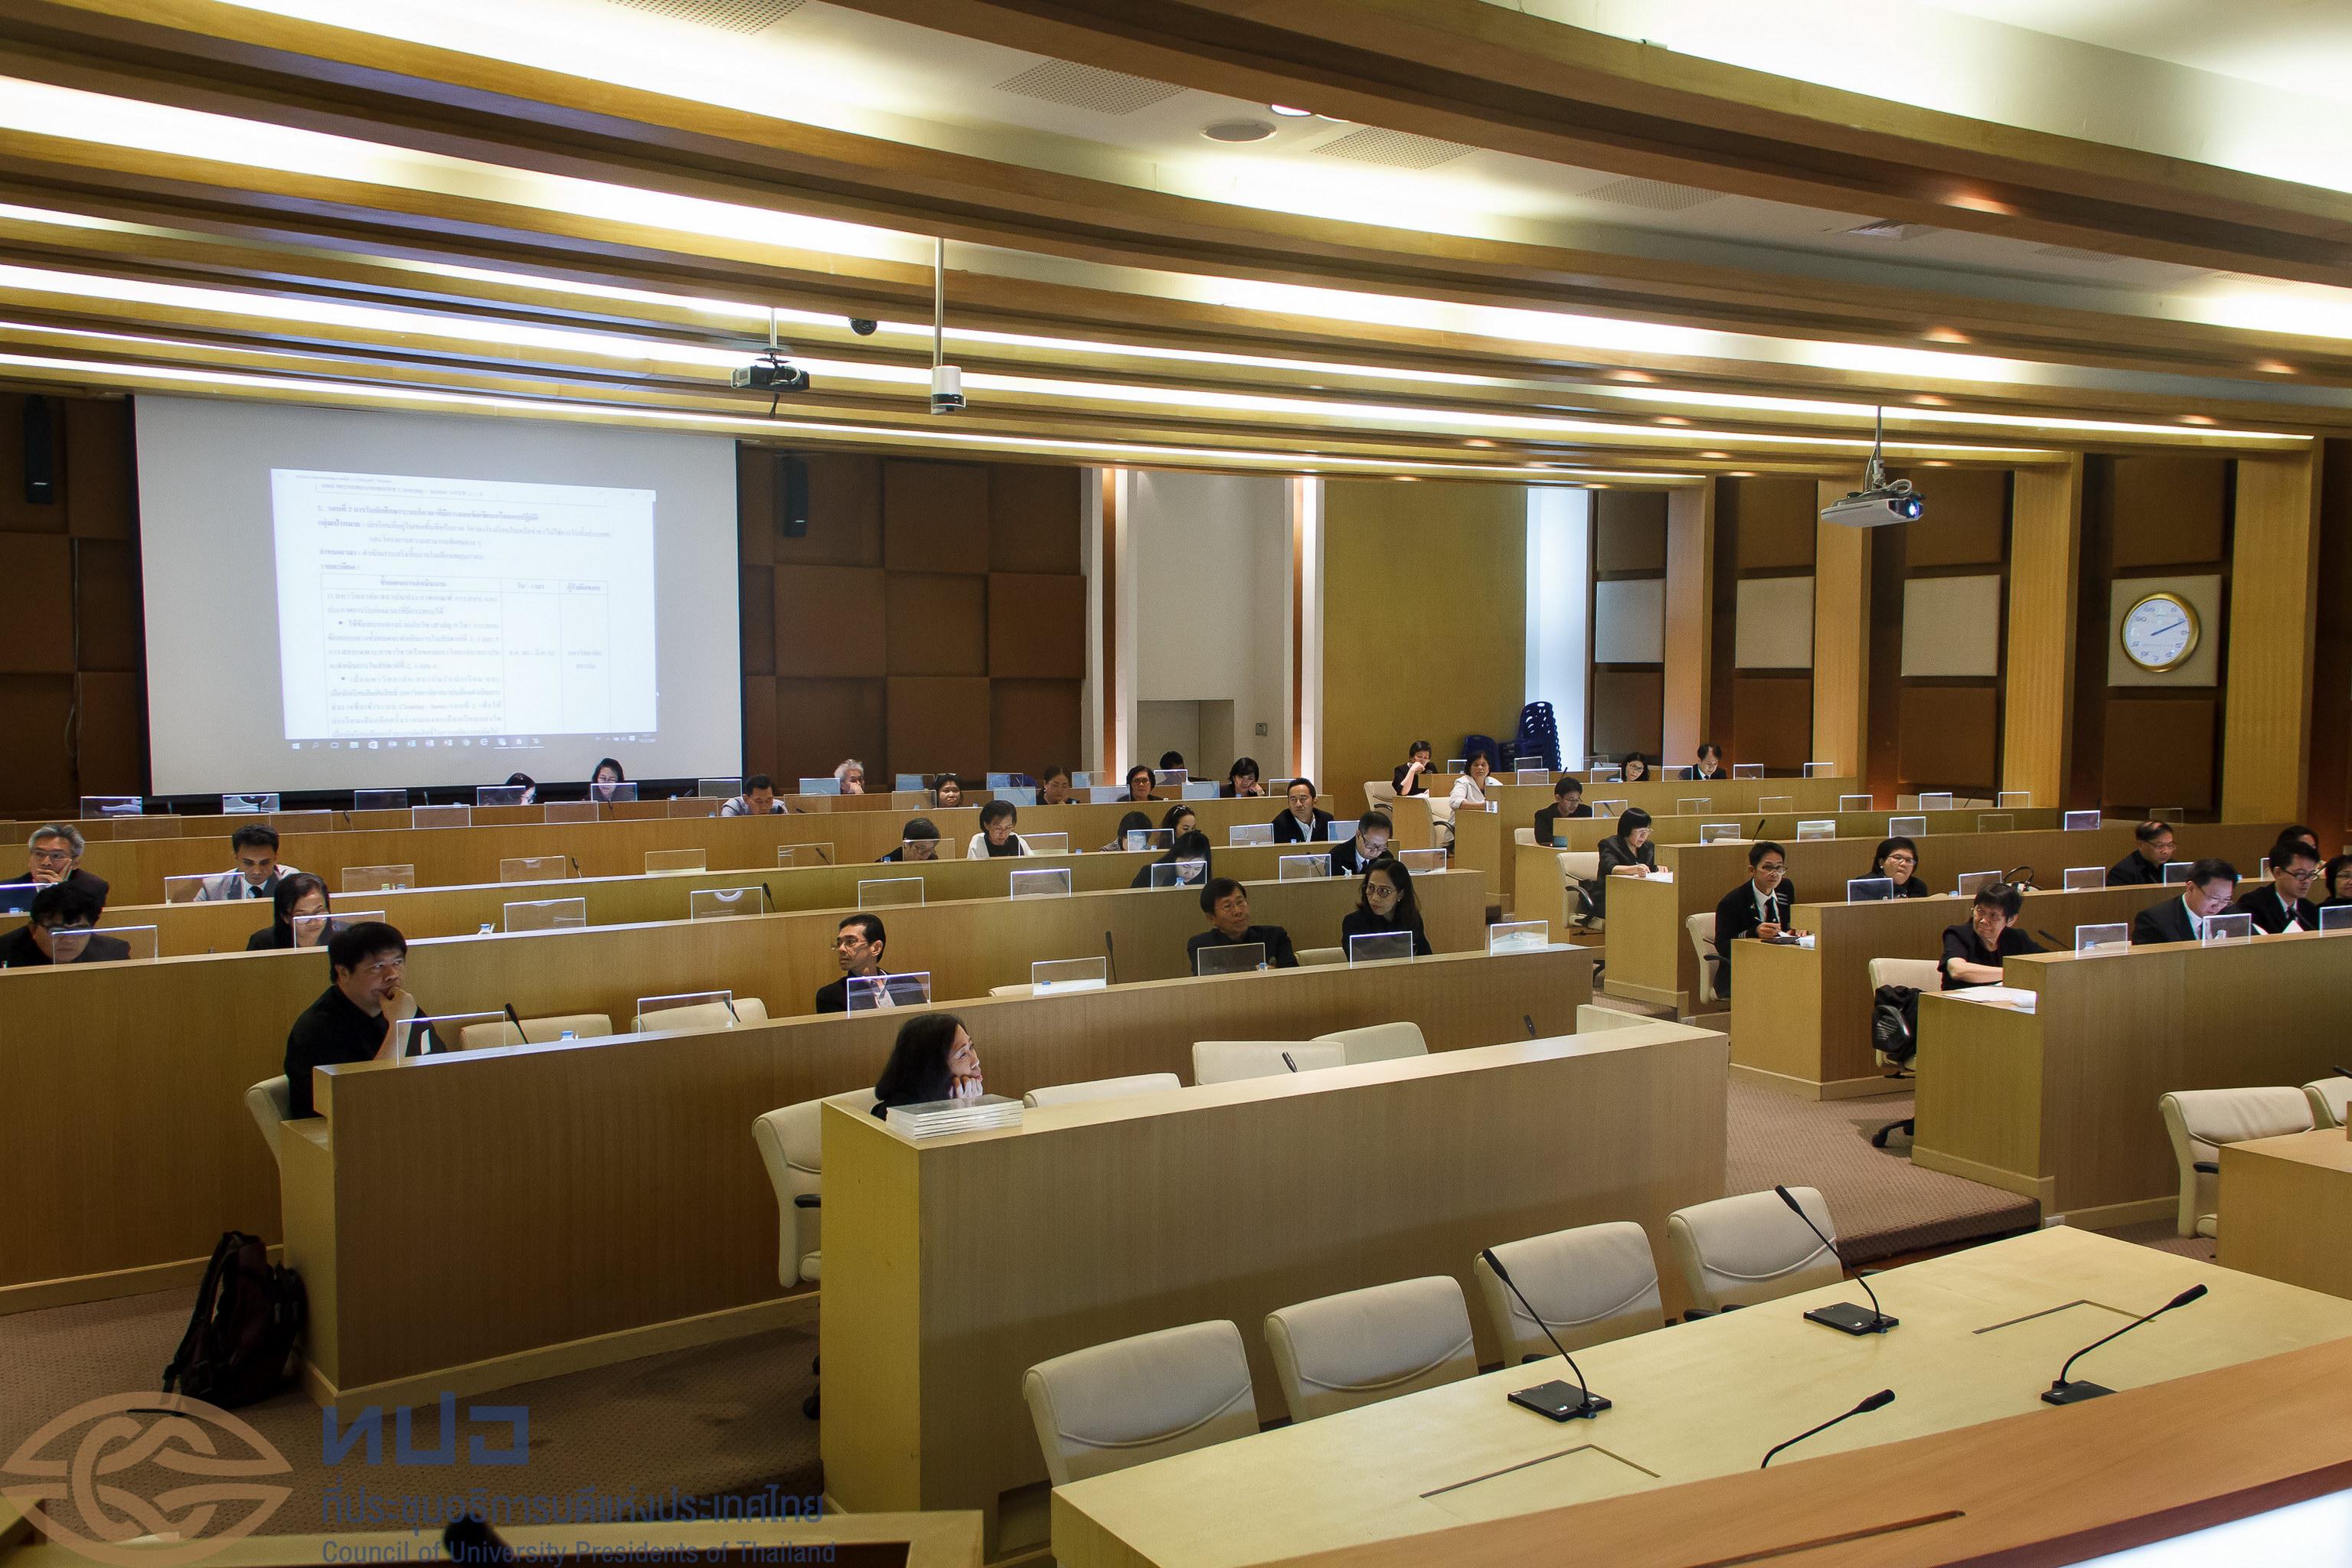 การประชุมคณะอนุกรรมการดำเนินการคัดเลือก ครั้งที่ 2/2560